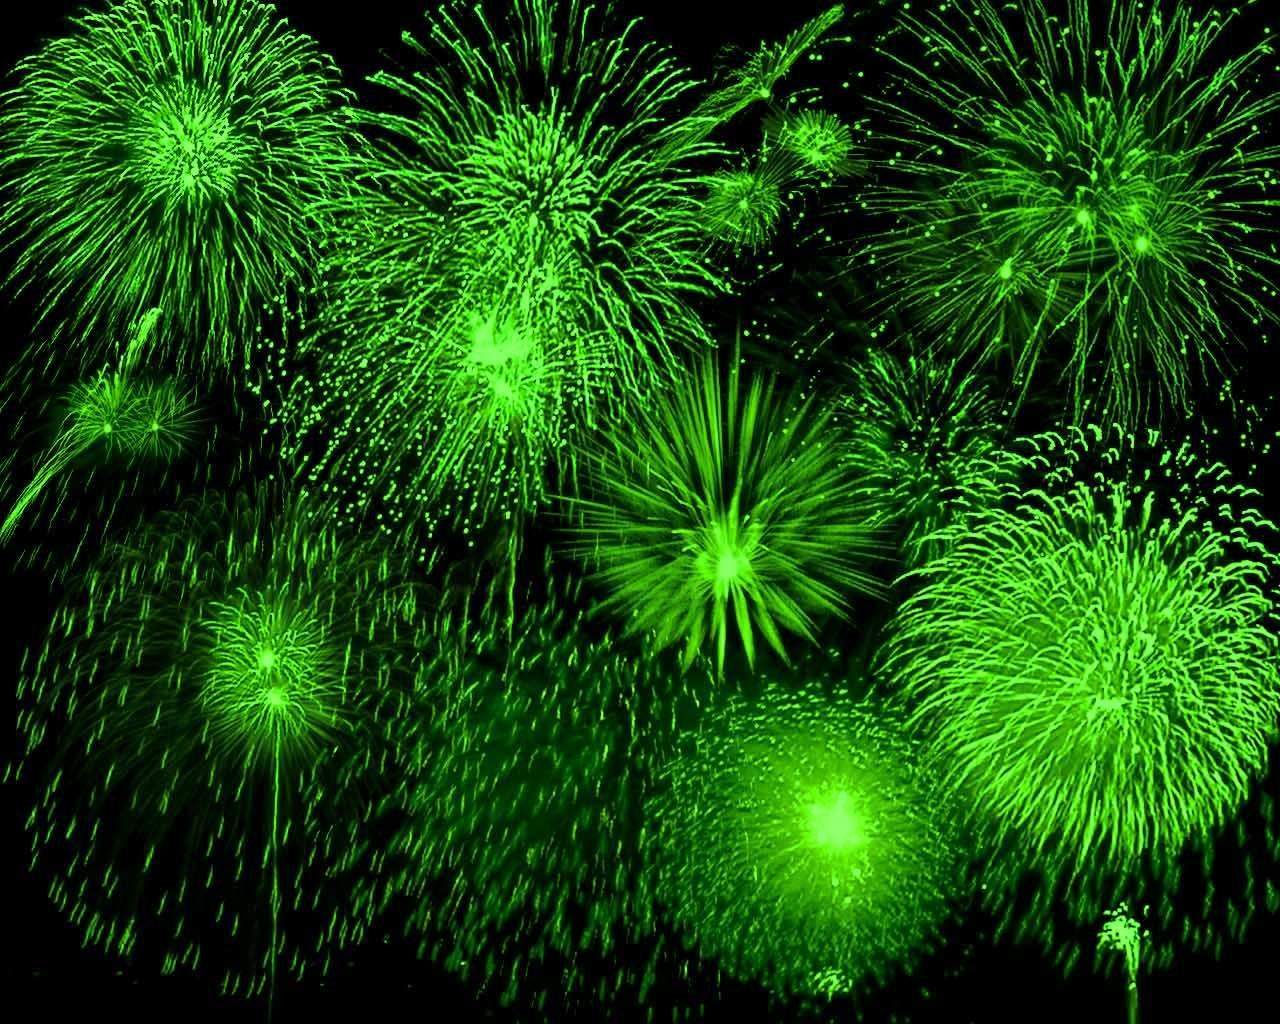 fireworks-clipart-green-firework-1